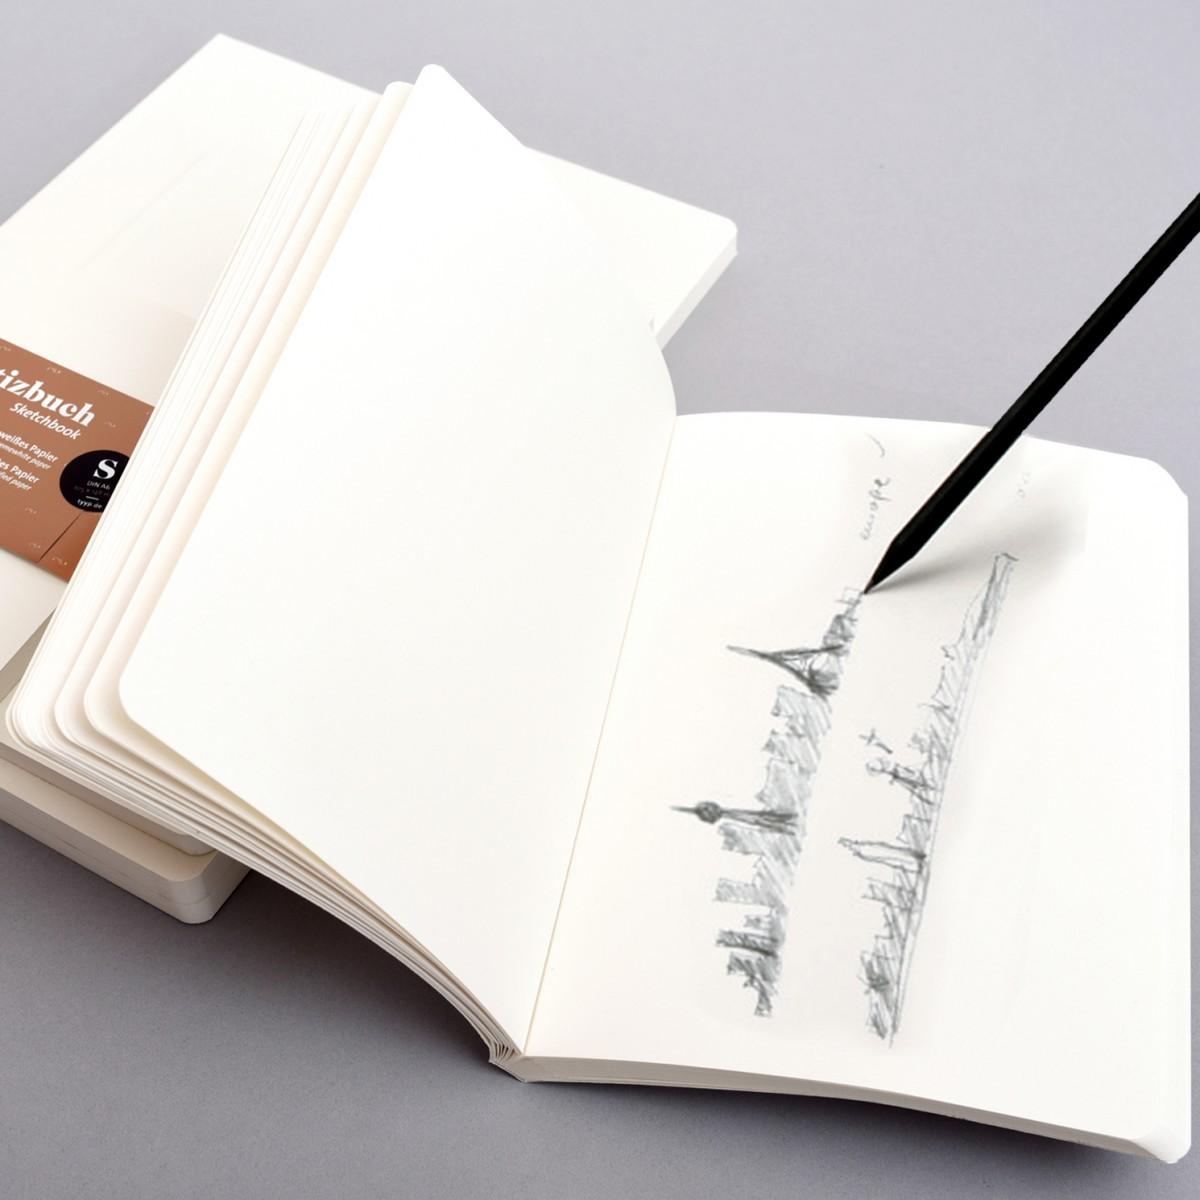 Notizbuch i - Taplet